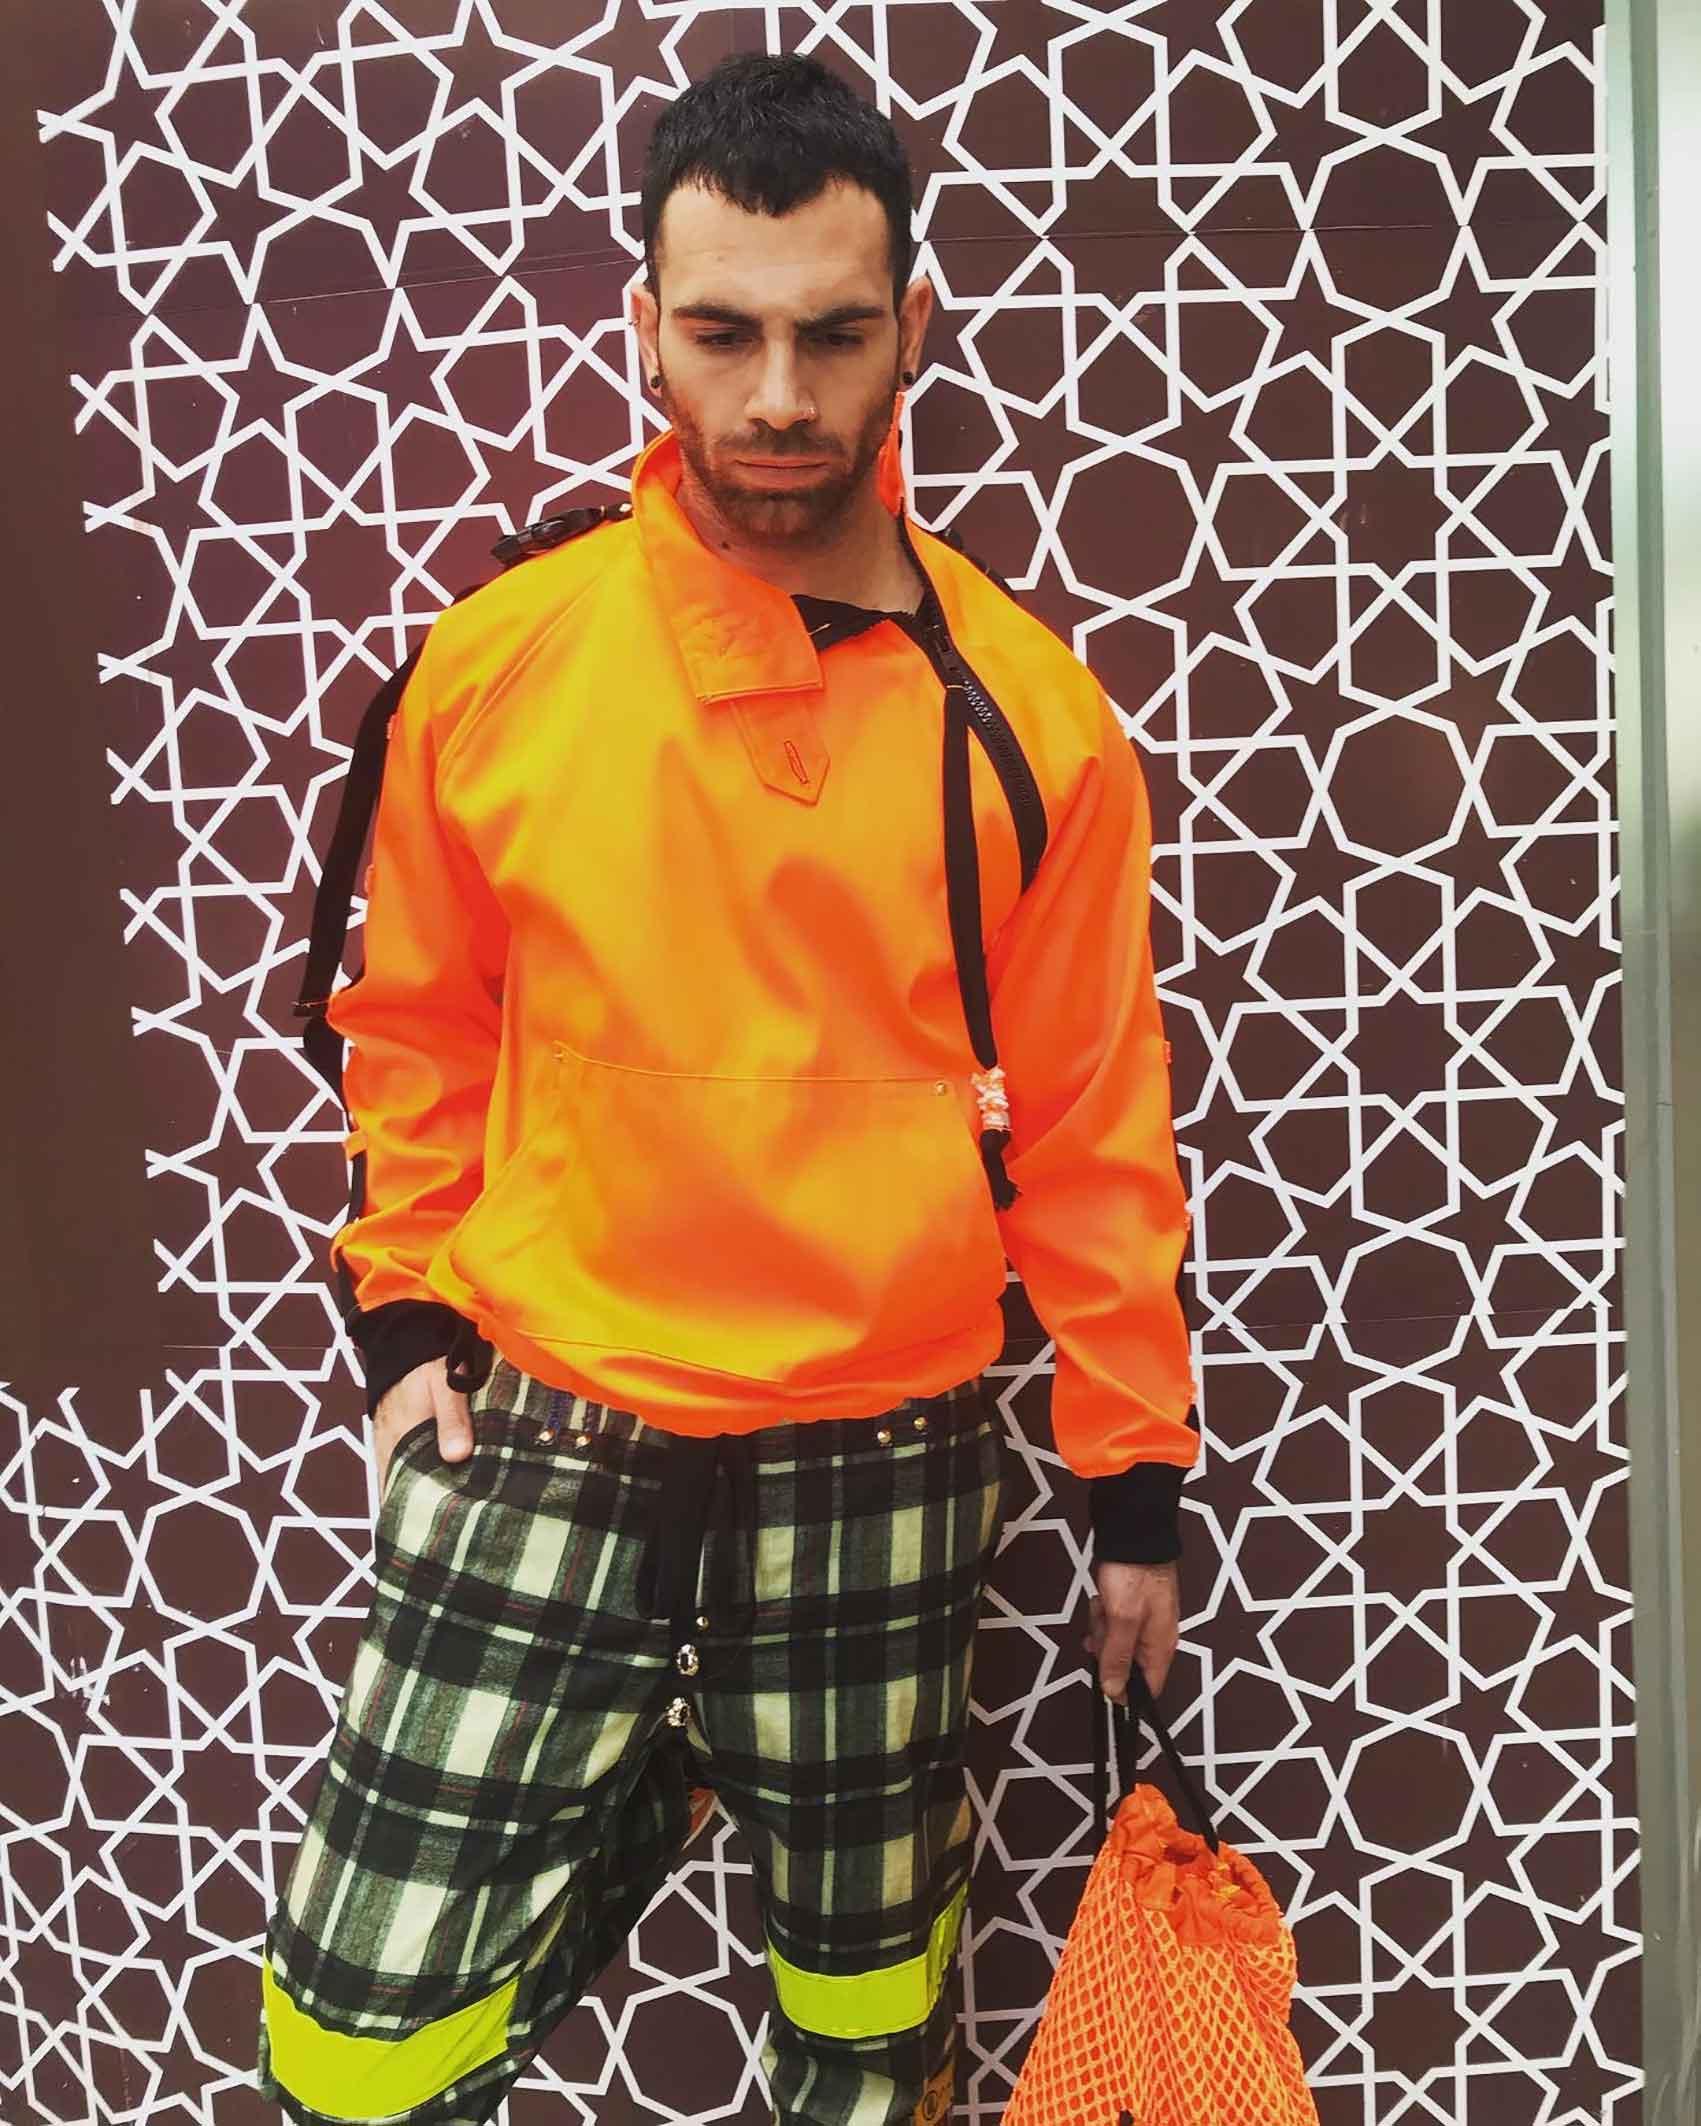 מאוריסיו פולצ׳ק, קולקציית ג׳וקר-אופנה-כתבות-מעצבי-אופנה